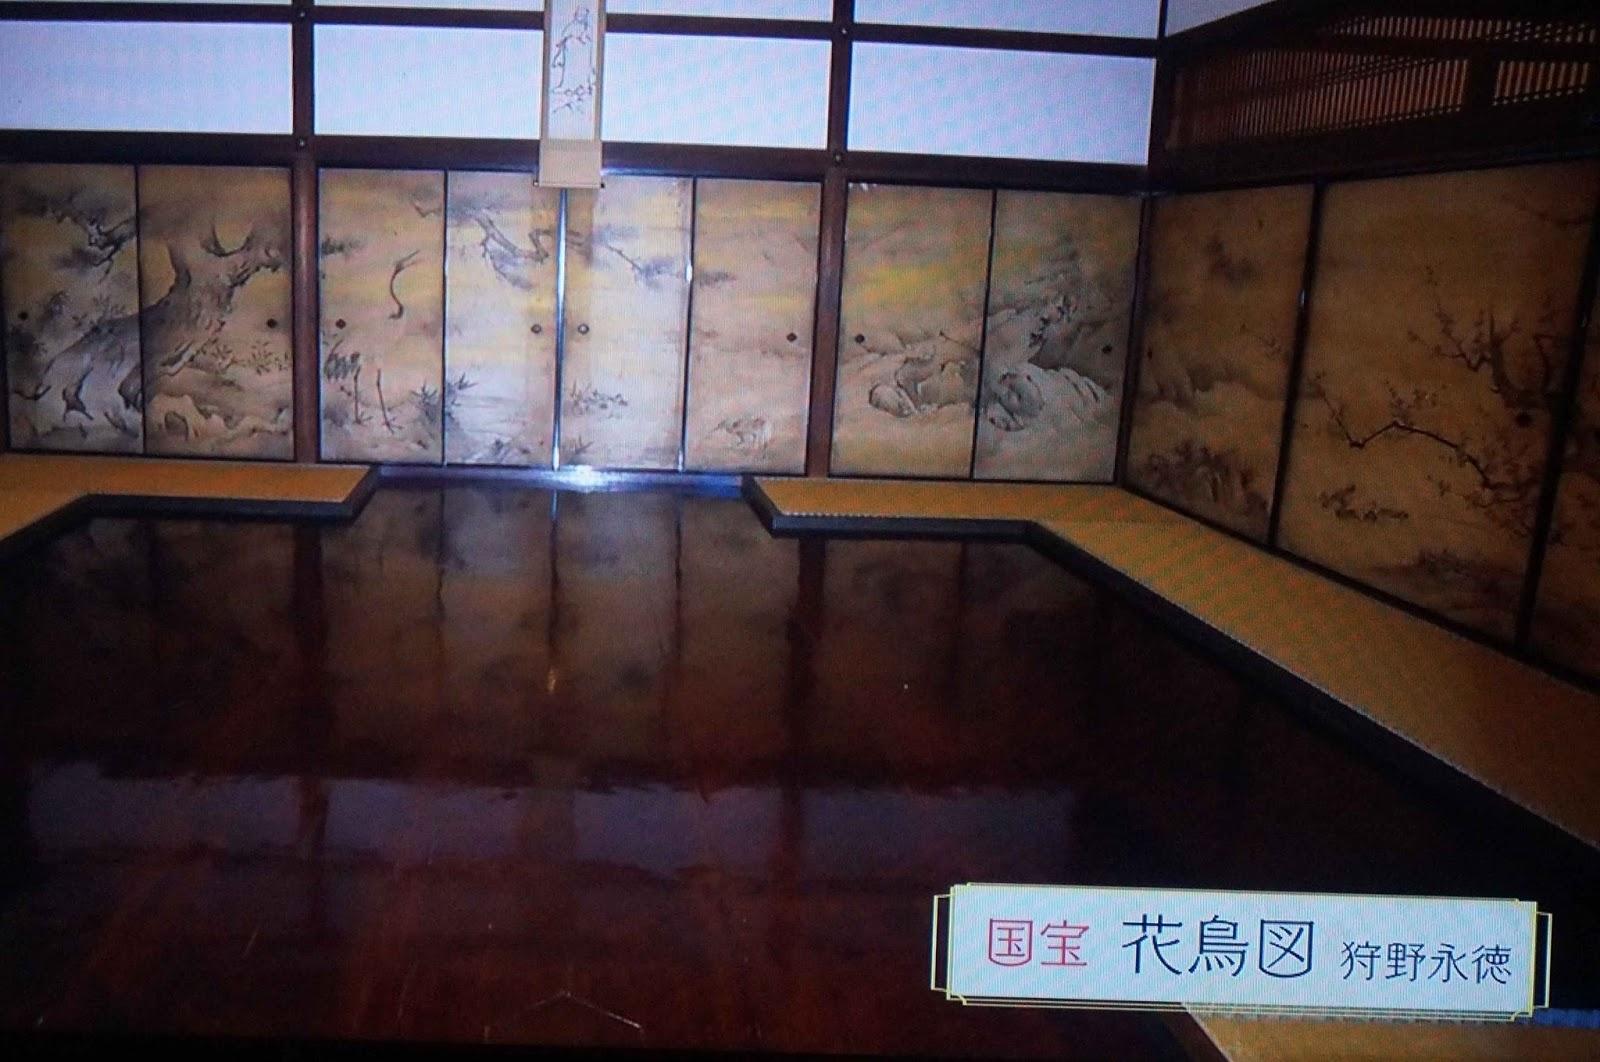 狩野松栄の画像 p1_31